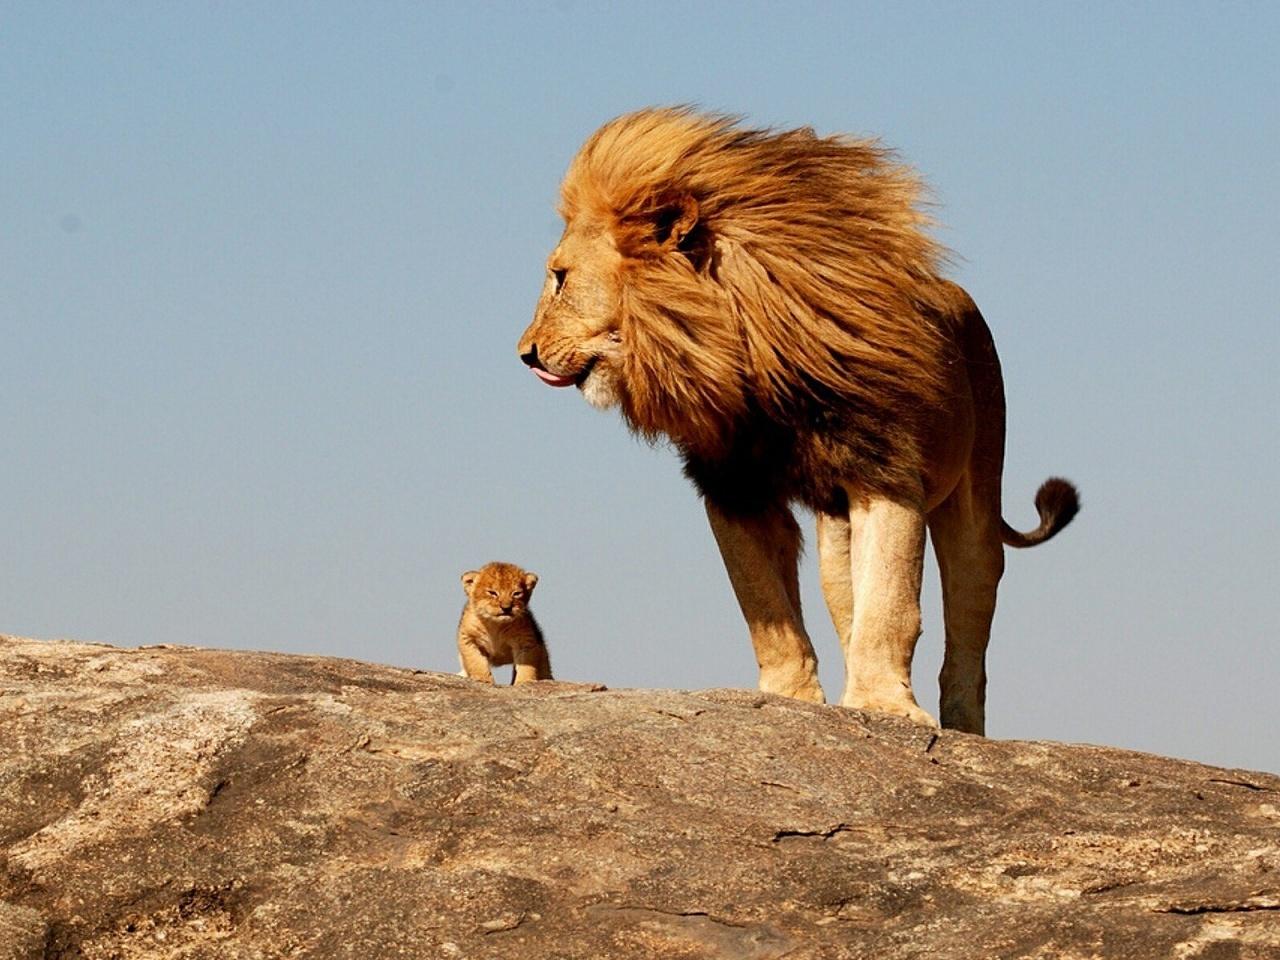 Cub-Lion-Growth-Youth-Rx-2.20.18.jpg